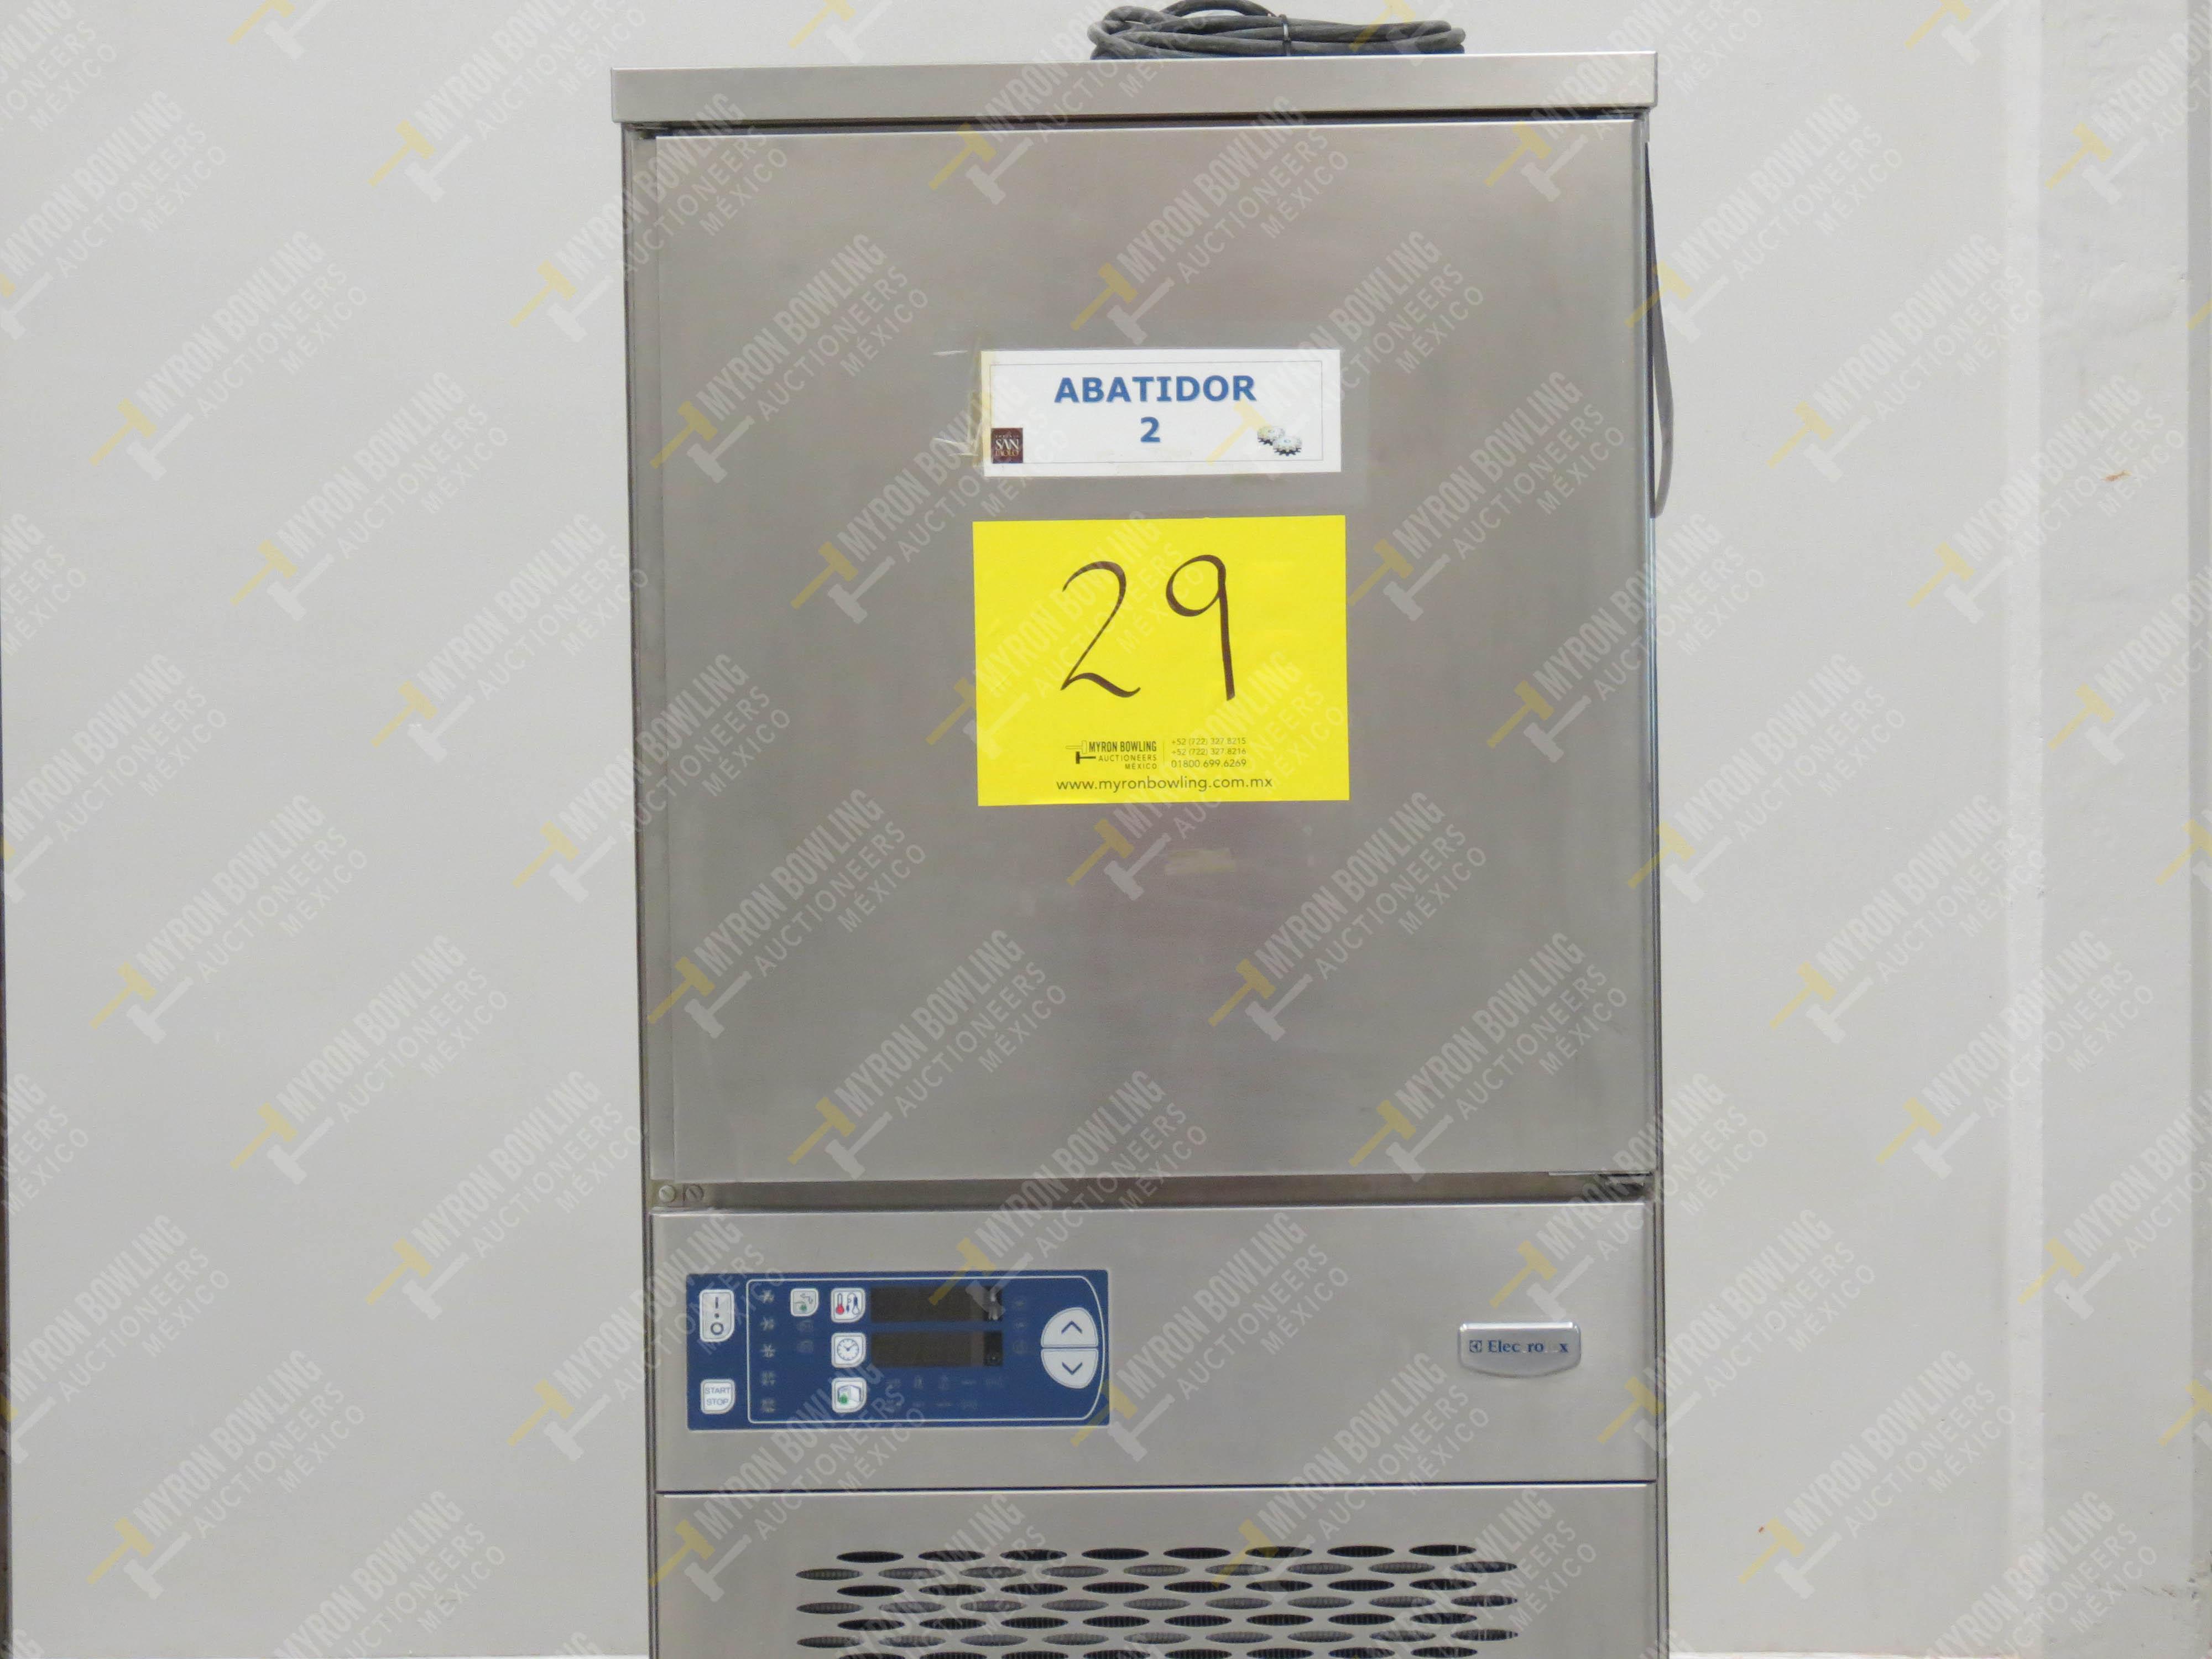 Abatidor de temperatura marca Electrolux